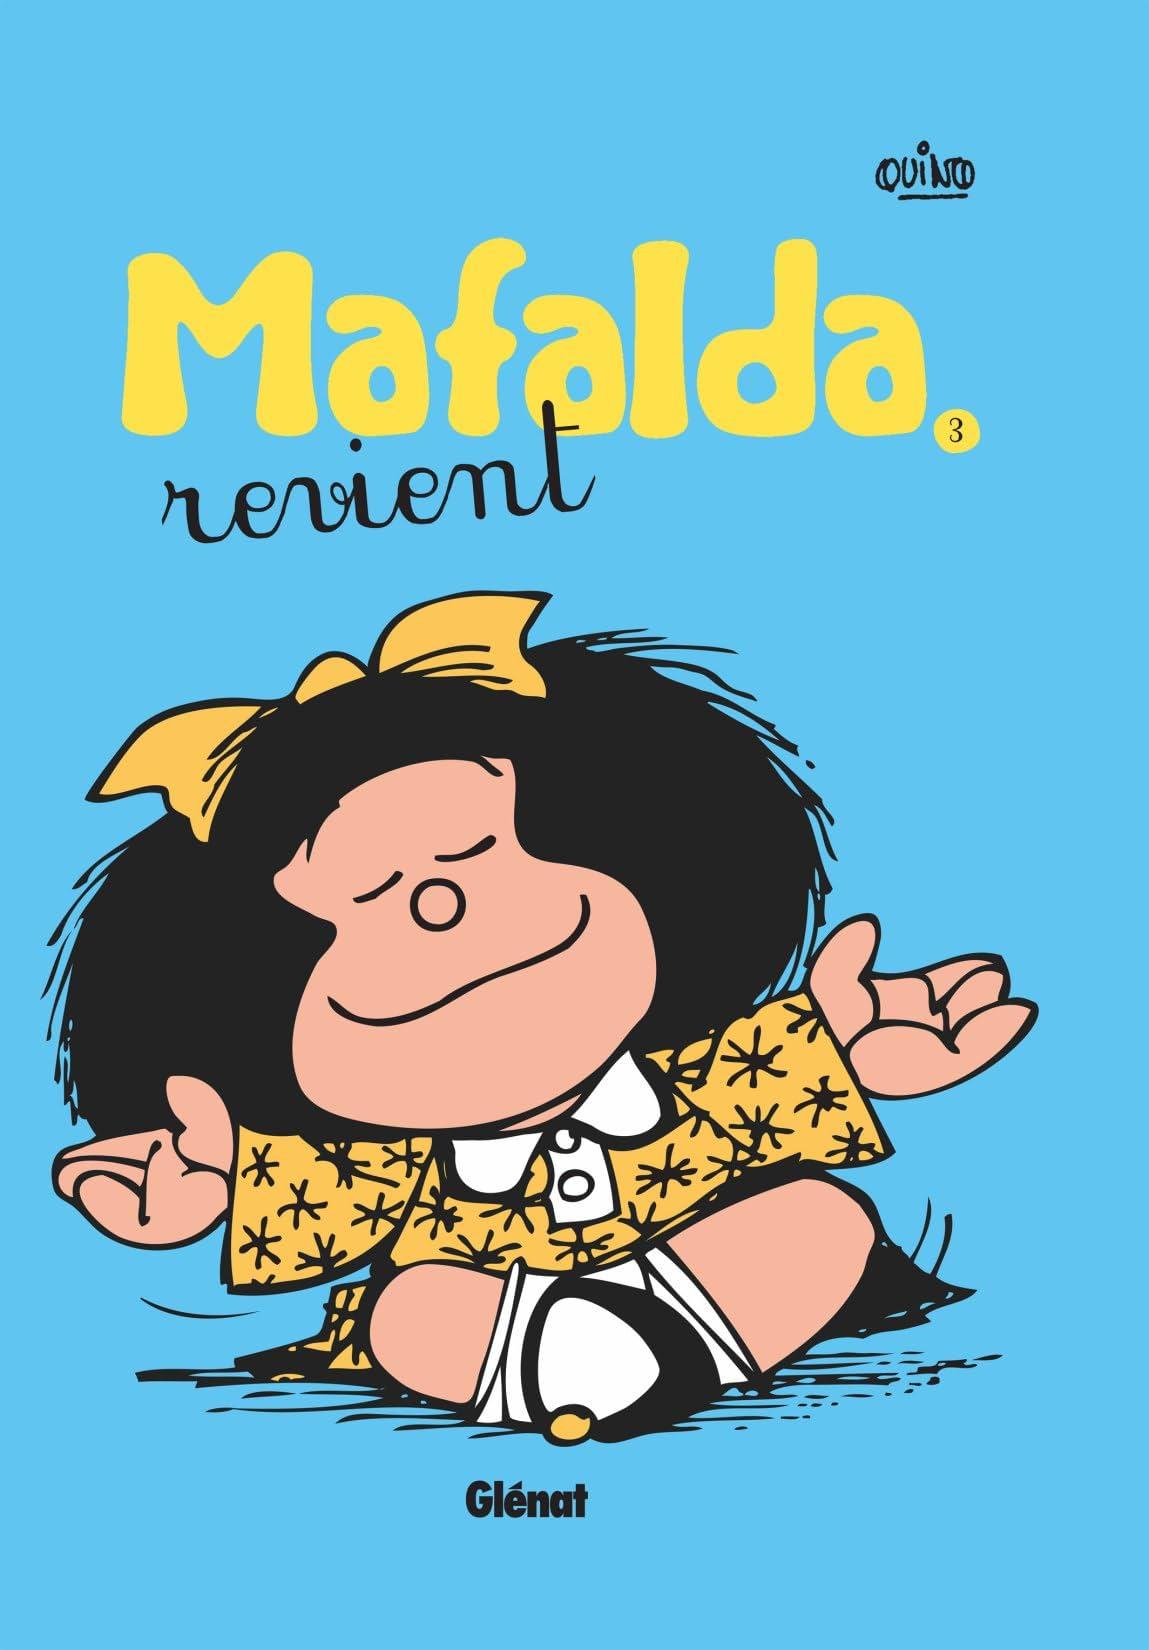 Mafalda Vol. 3: Mafalda revient